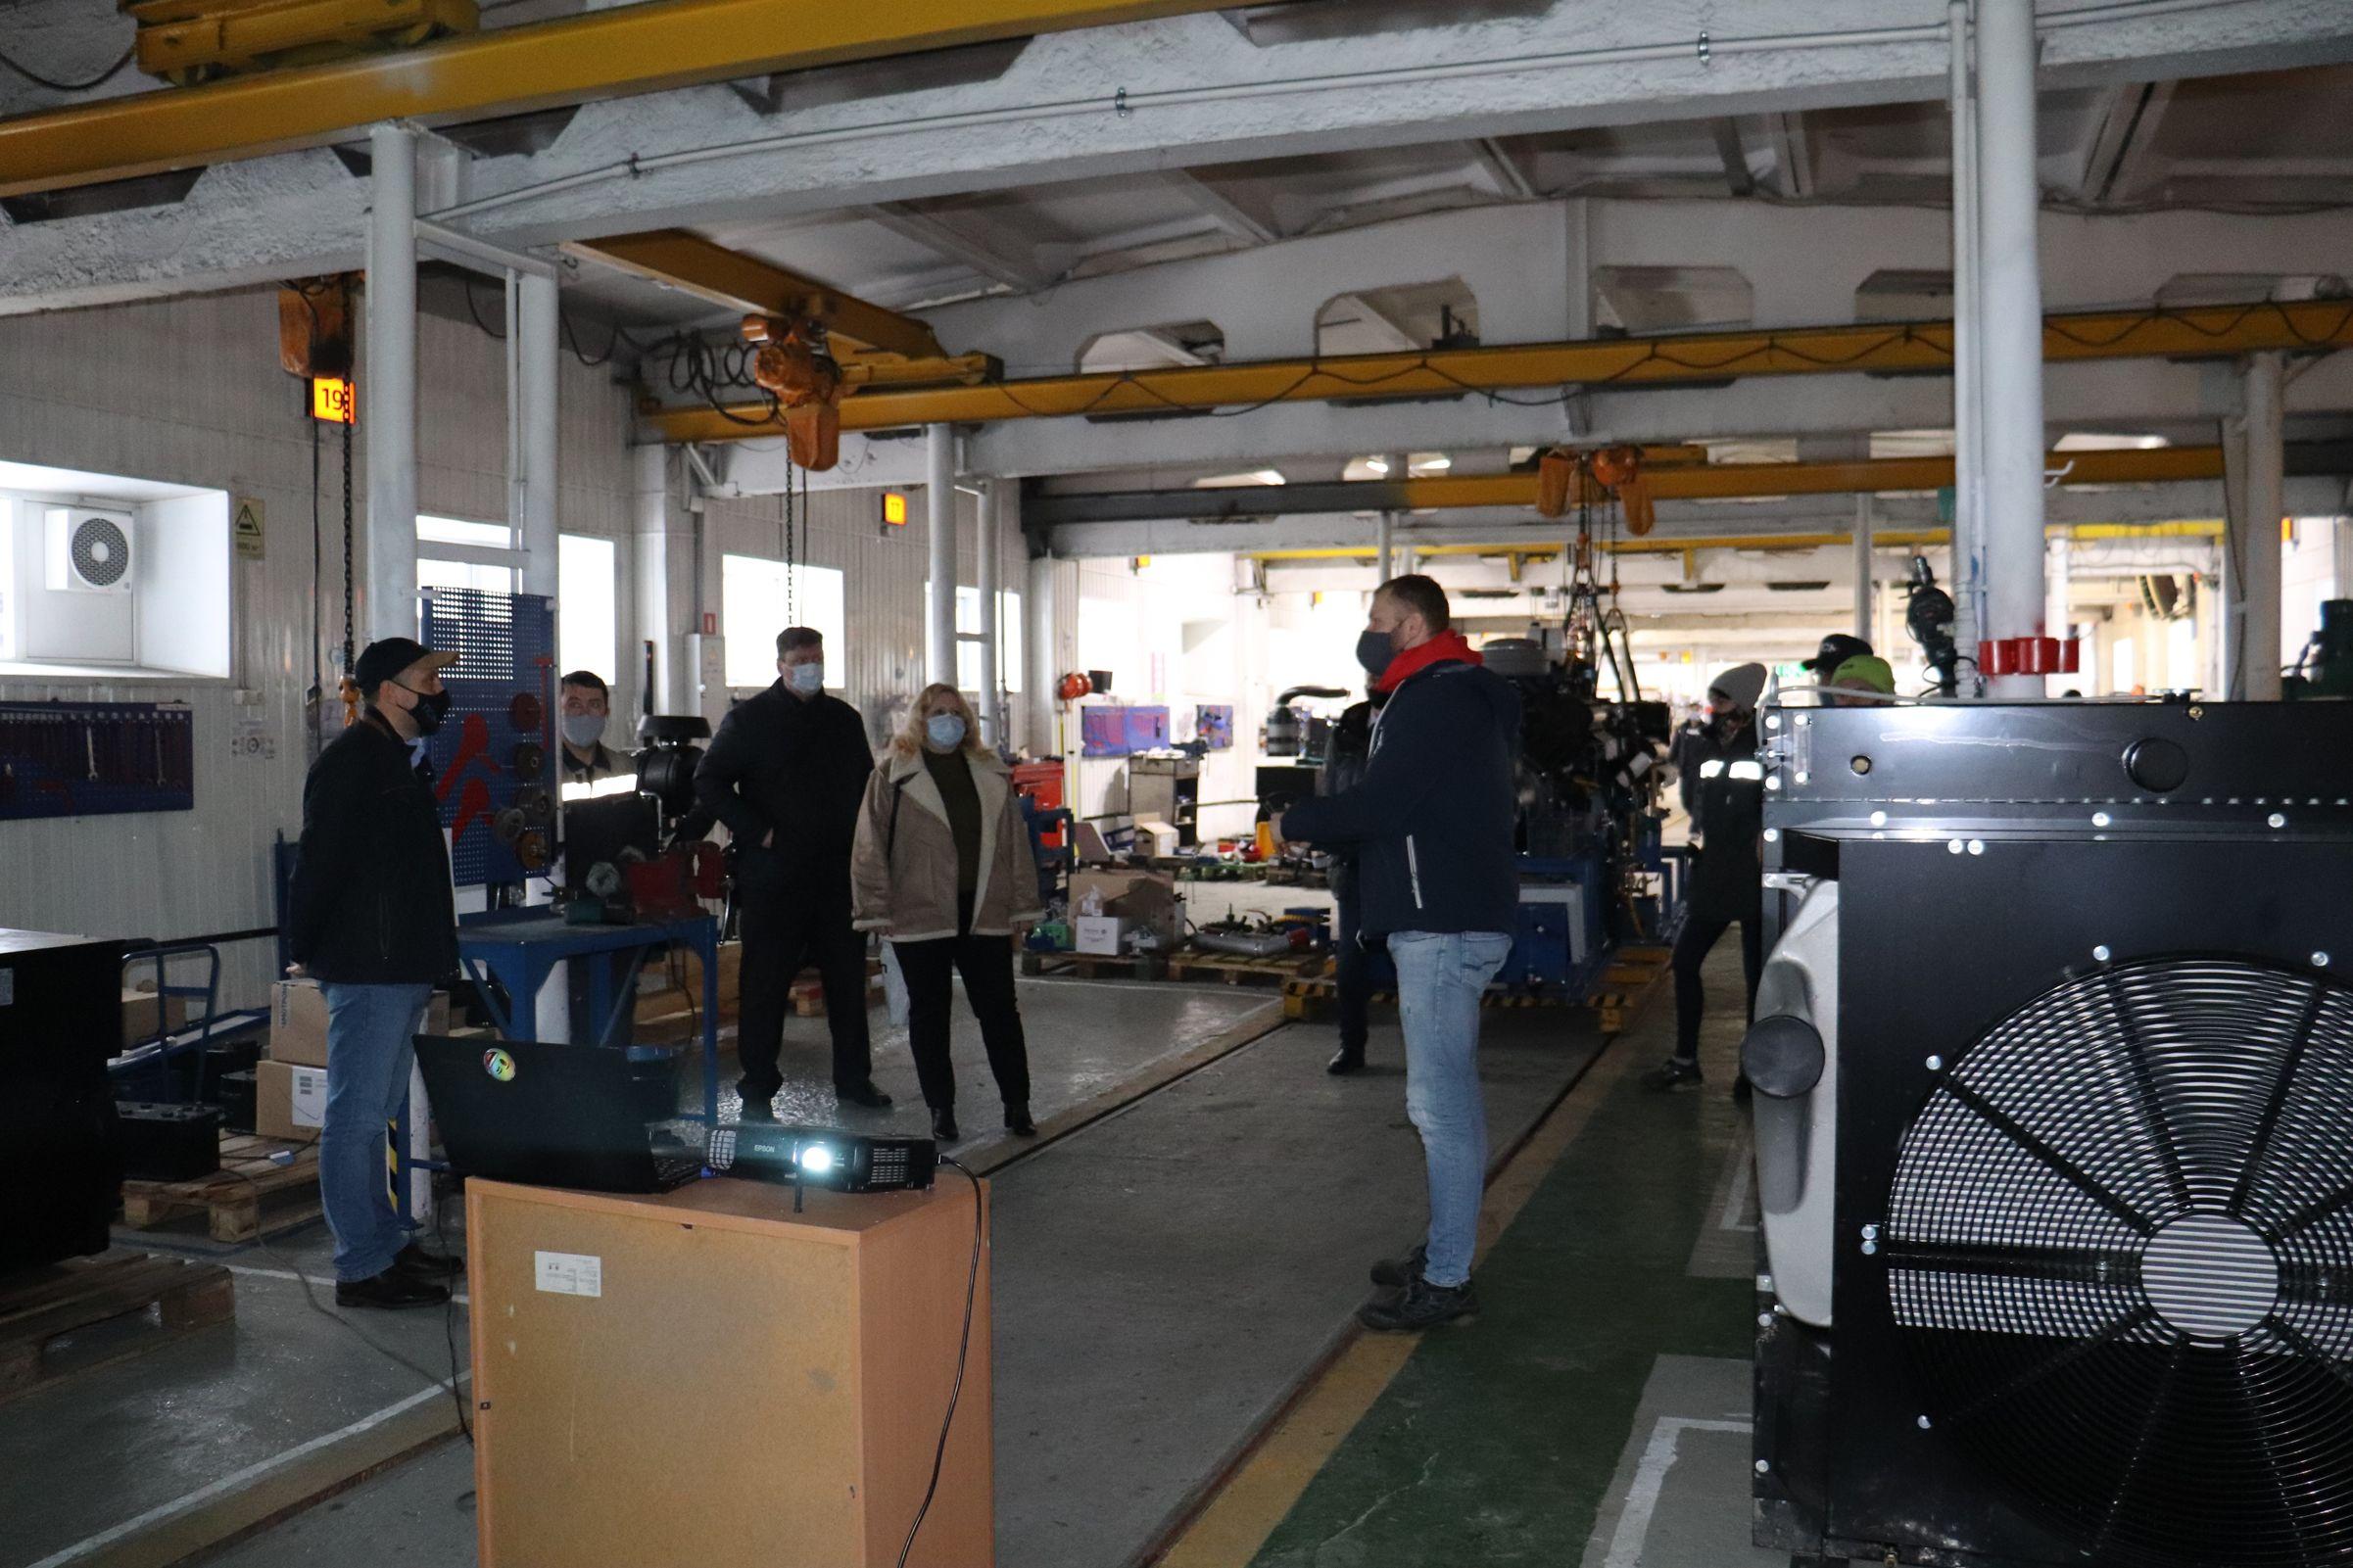 Экономические показатели ярославских предприятий помогла улучшить работа независимых консультантов